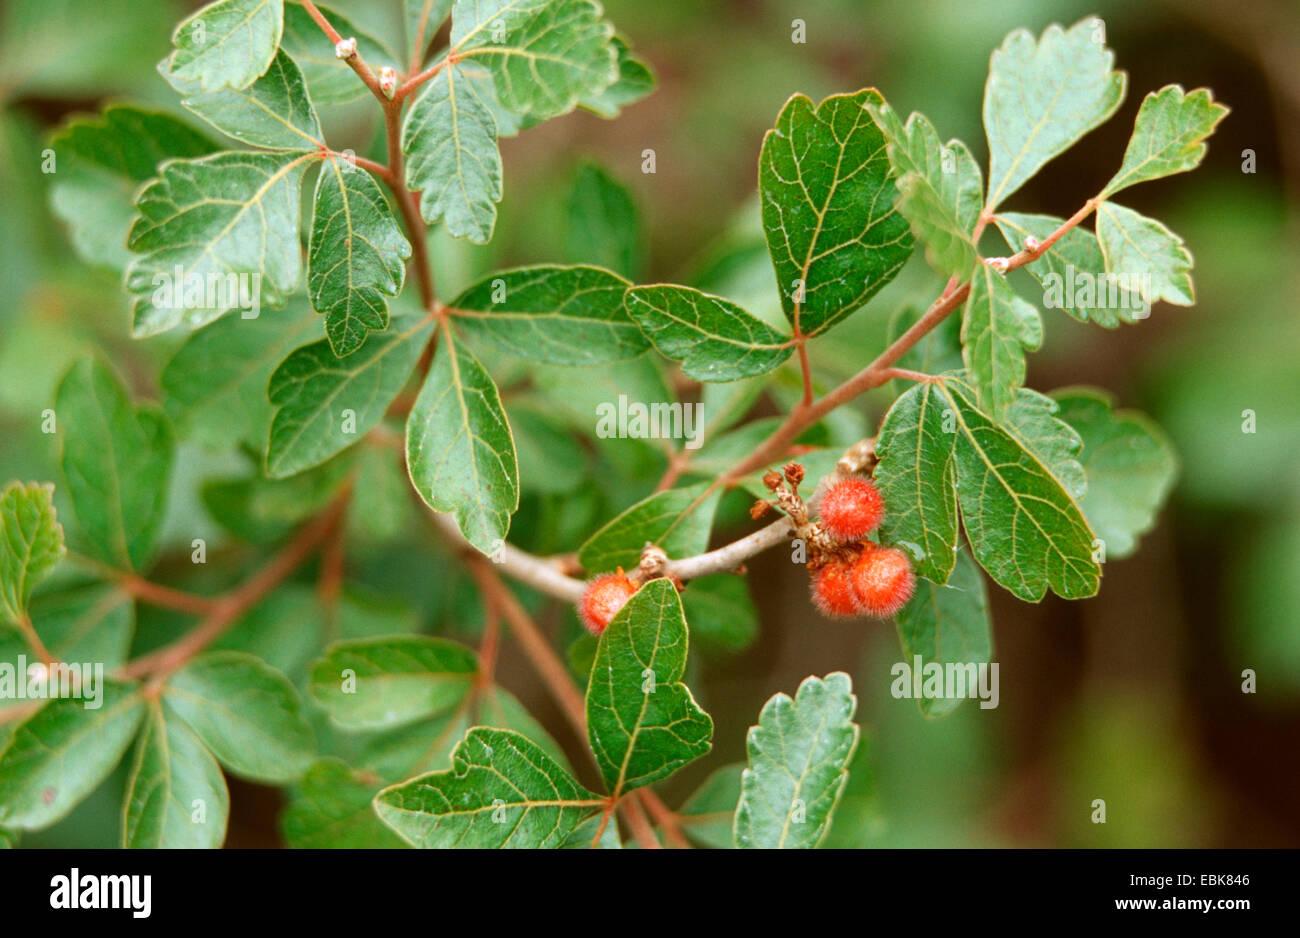 Sweet Sumach, Fragrant Sumac, medical plant, medical plants, medicinal plant, medicinal plants, herbalism, useful - Stock Image